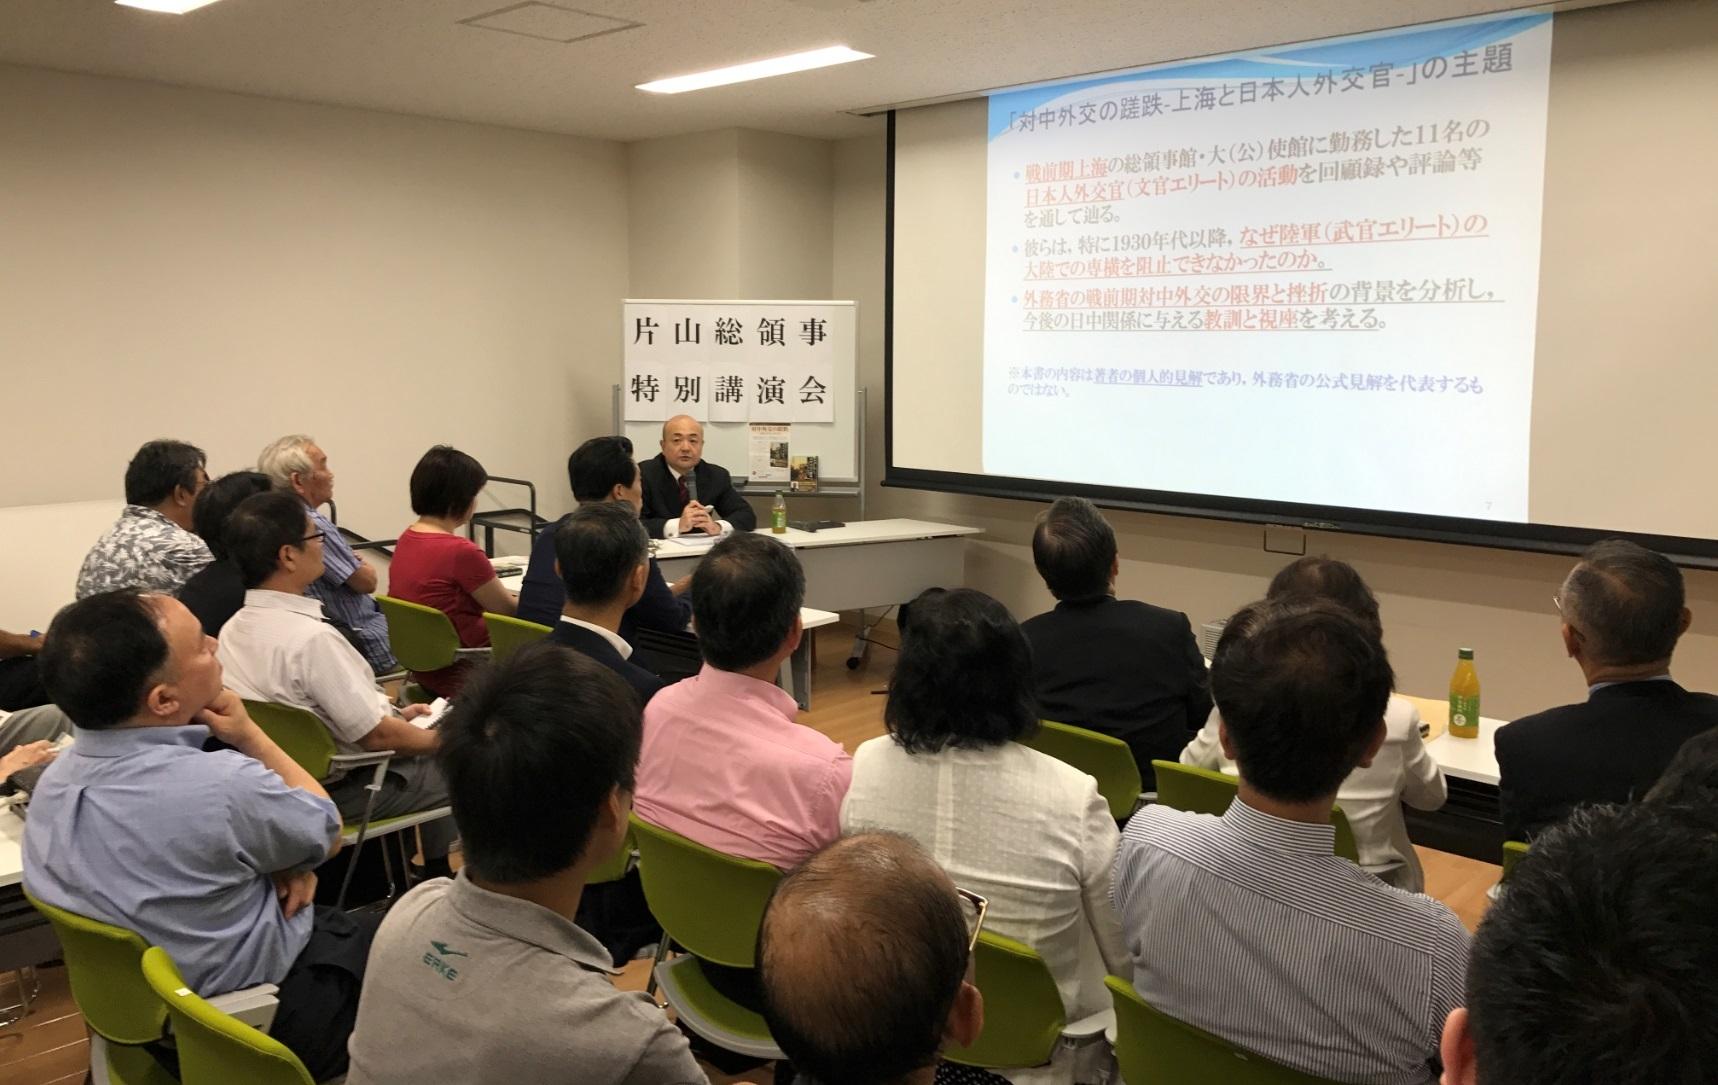 上海総領事の片山和之氏、マスコミ関係者との懇談、講演会など都内で交流_d0027795_14535637.jpg